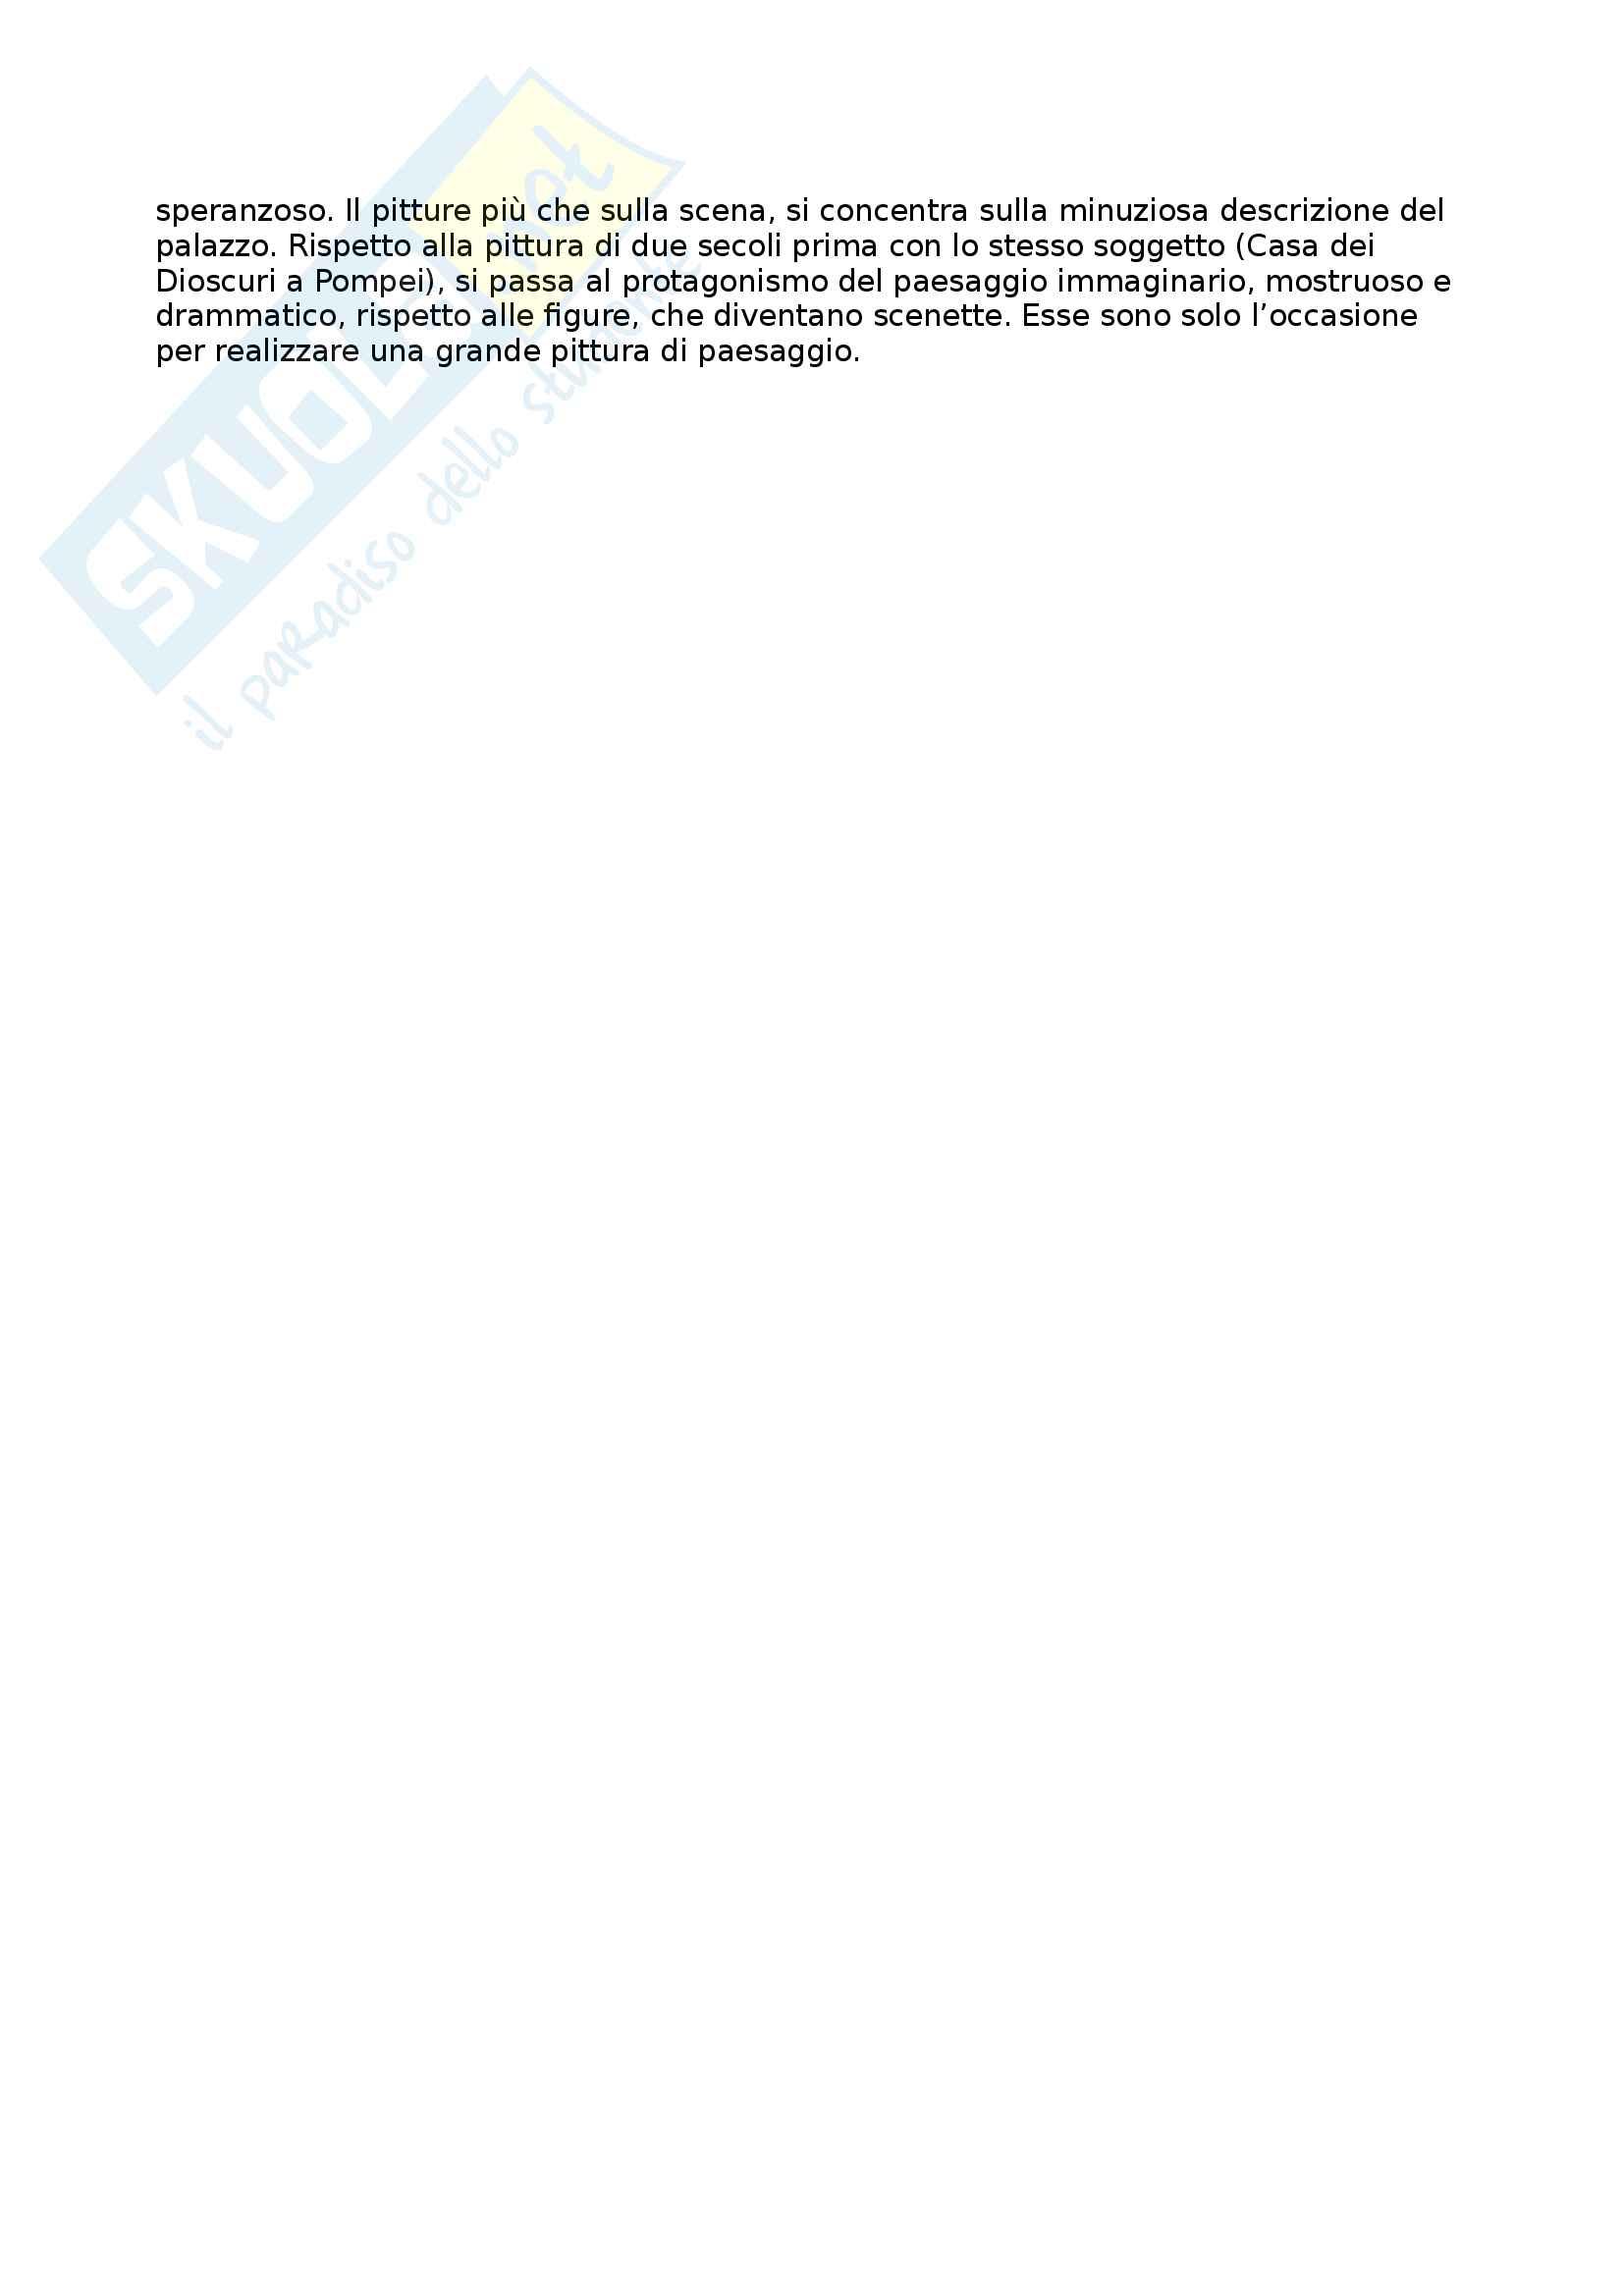 Riassunto esame Arte e Archeologia Greca, prof. Bejor, libro consigliato Arte Greca: Dal decimo al primo secolo a.C di Bejor, Castoldi e Lambrugo Pag. 76